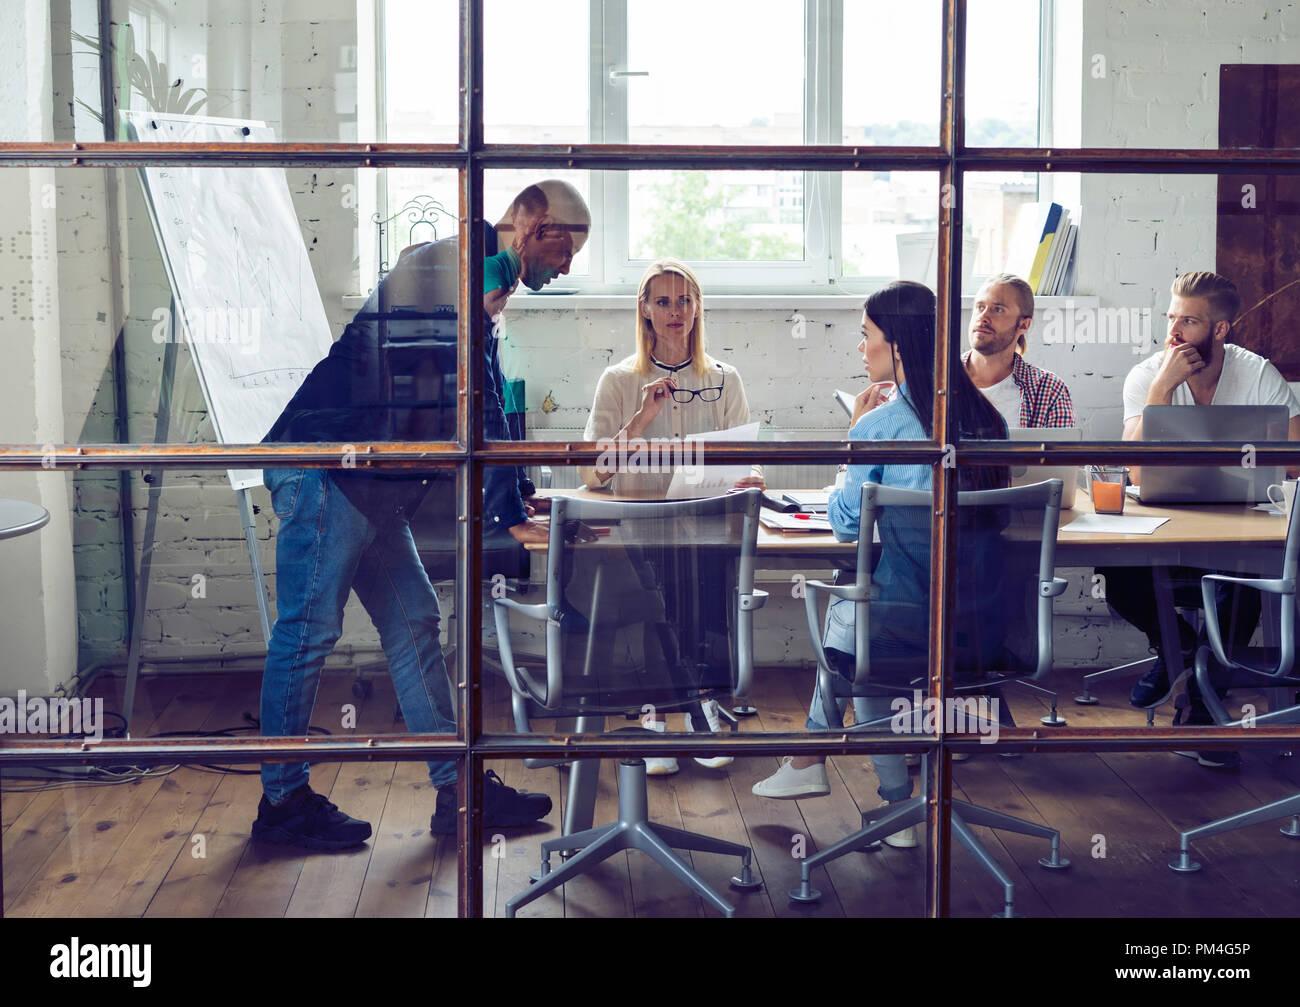 Grupo de jóvenes profesionales. Grupo de jóvenes de la gente moderna en smart ropa casual tras una reunión brainstorm estando de pie detrás de la pared de vidrio en la oficina creativa. Imagen De Stock